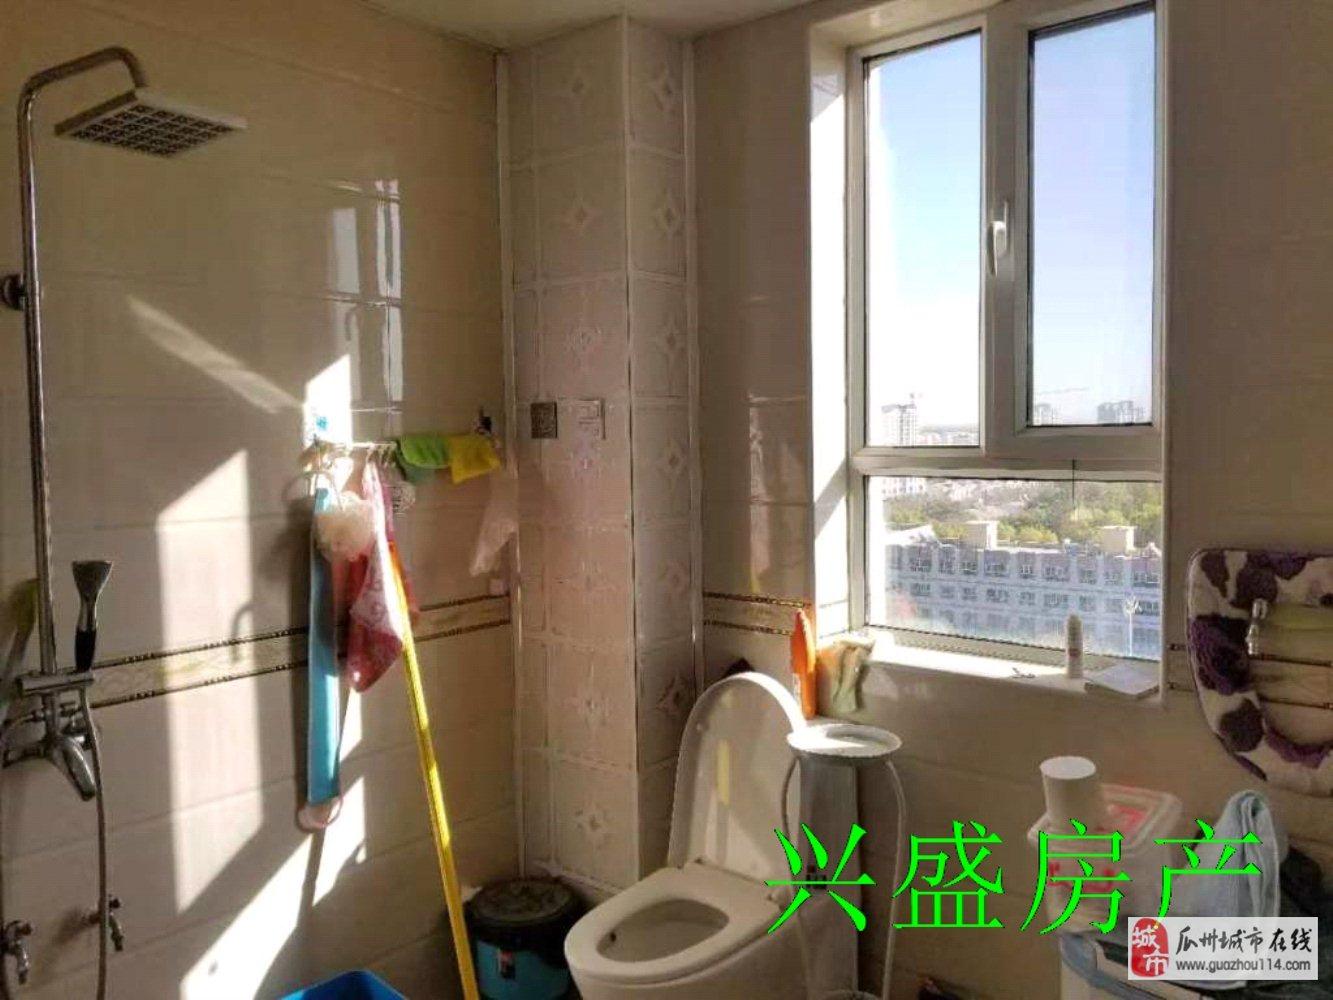 尚城華庭3室2廳1衛精裝房低價出售